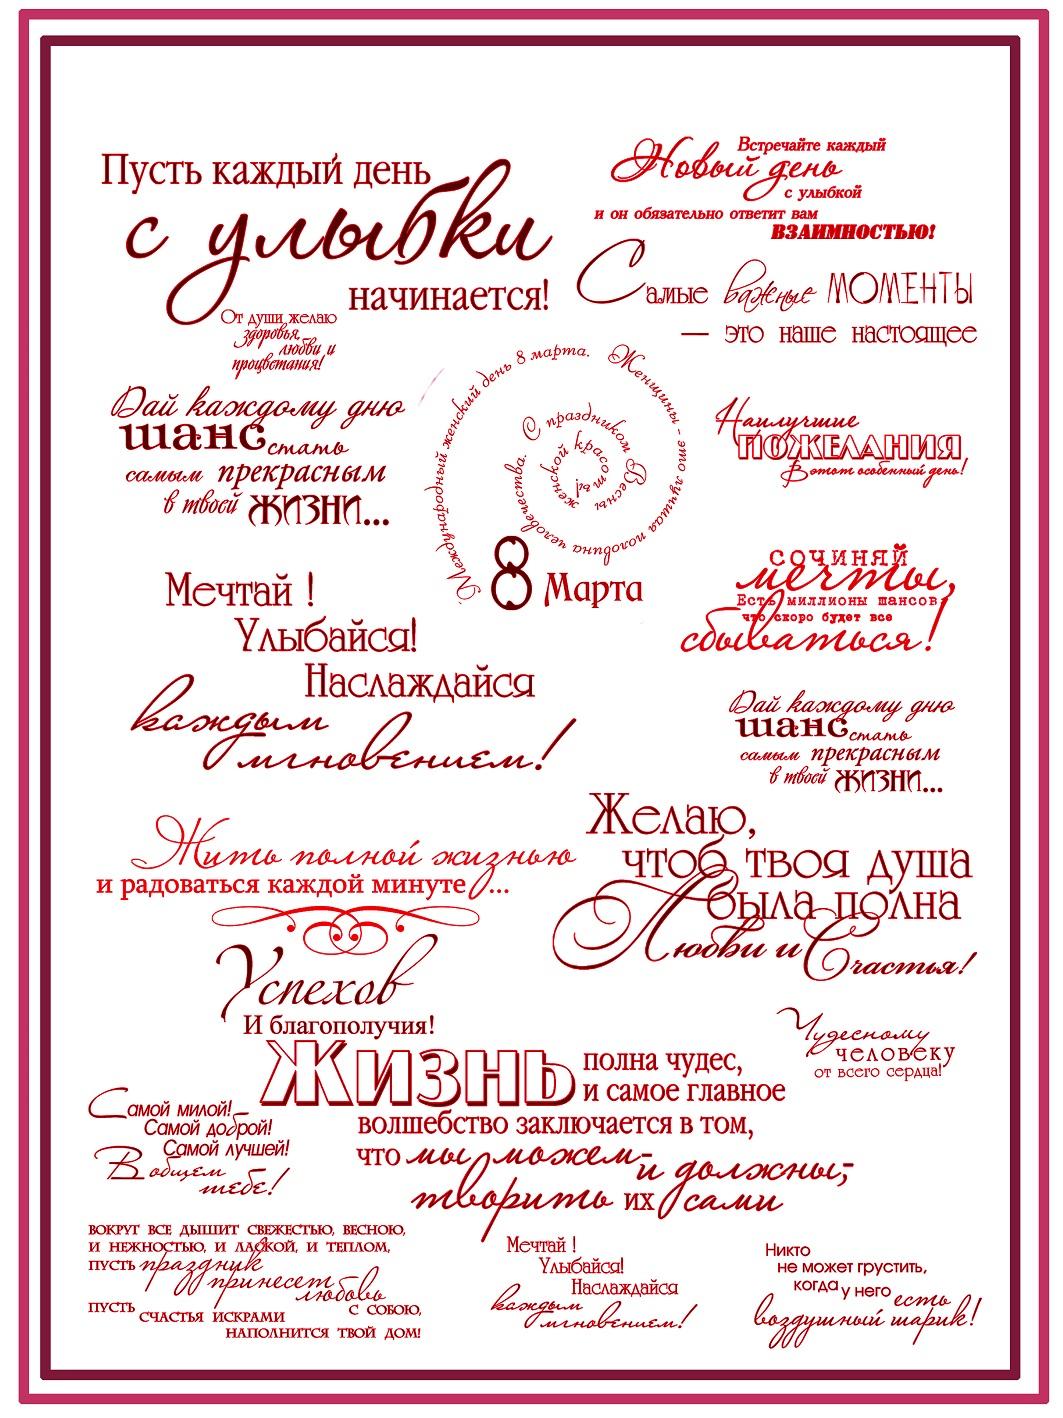 постер для мамы, постер на 8 марта, постер к 8 марта, постер бесплатно маме, постер для мамы на день рождения, 8 марта плакат, постре поздравление на 8 марта, постер поздравление маме